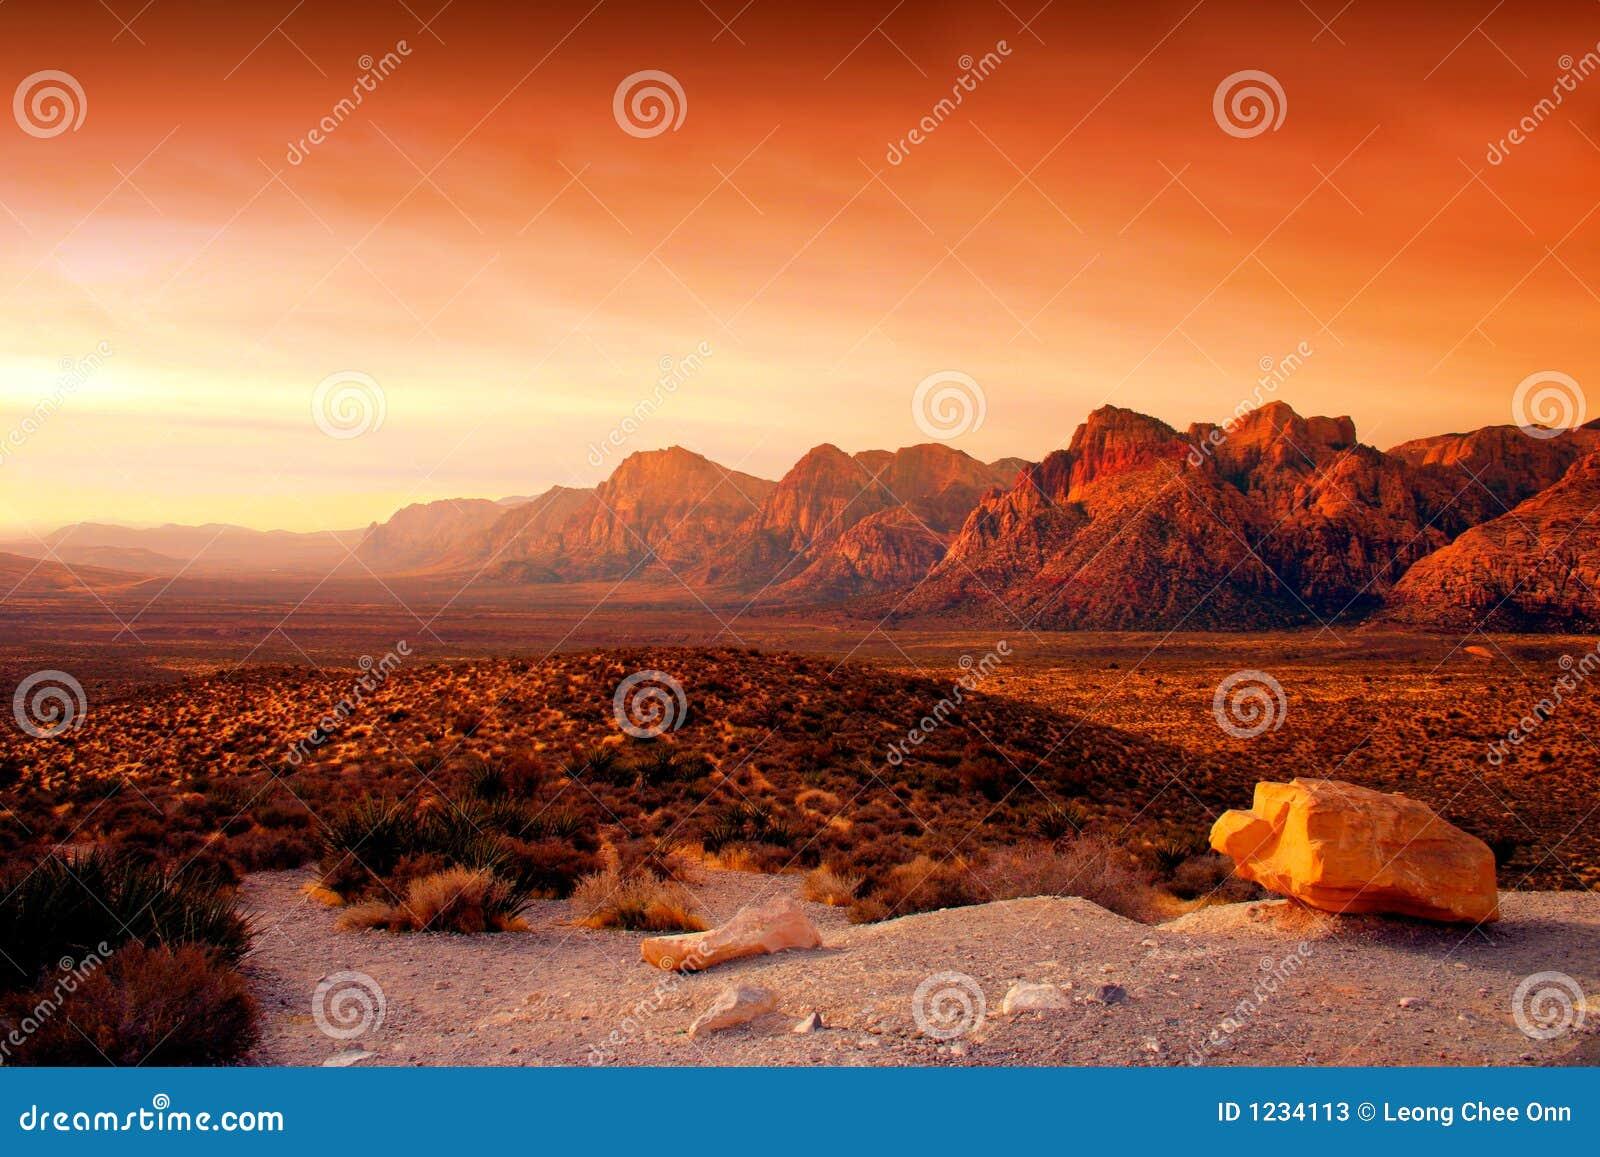 峡谷内华达红色岩石